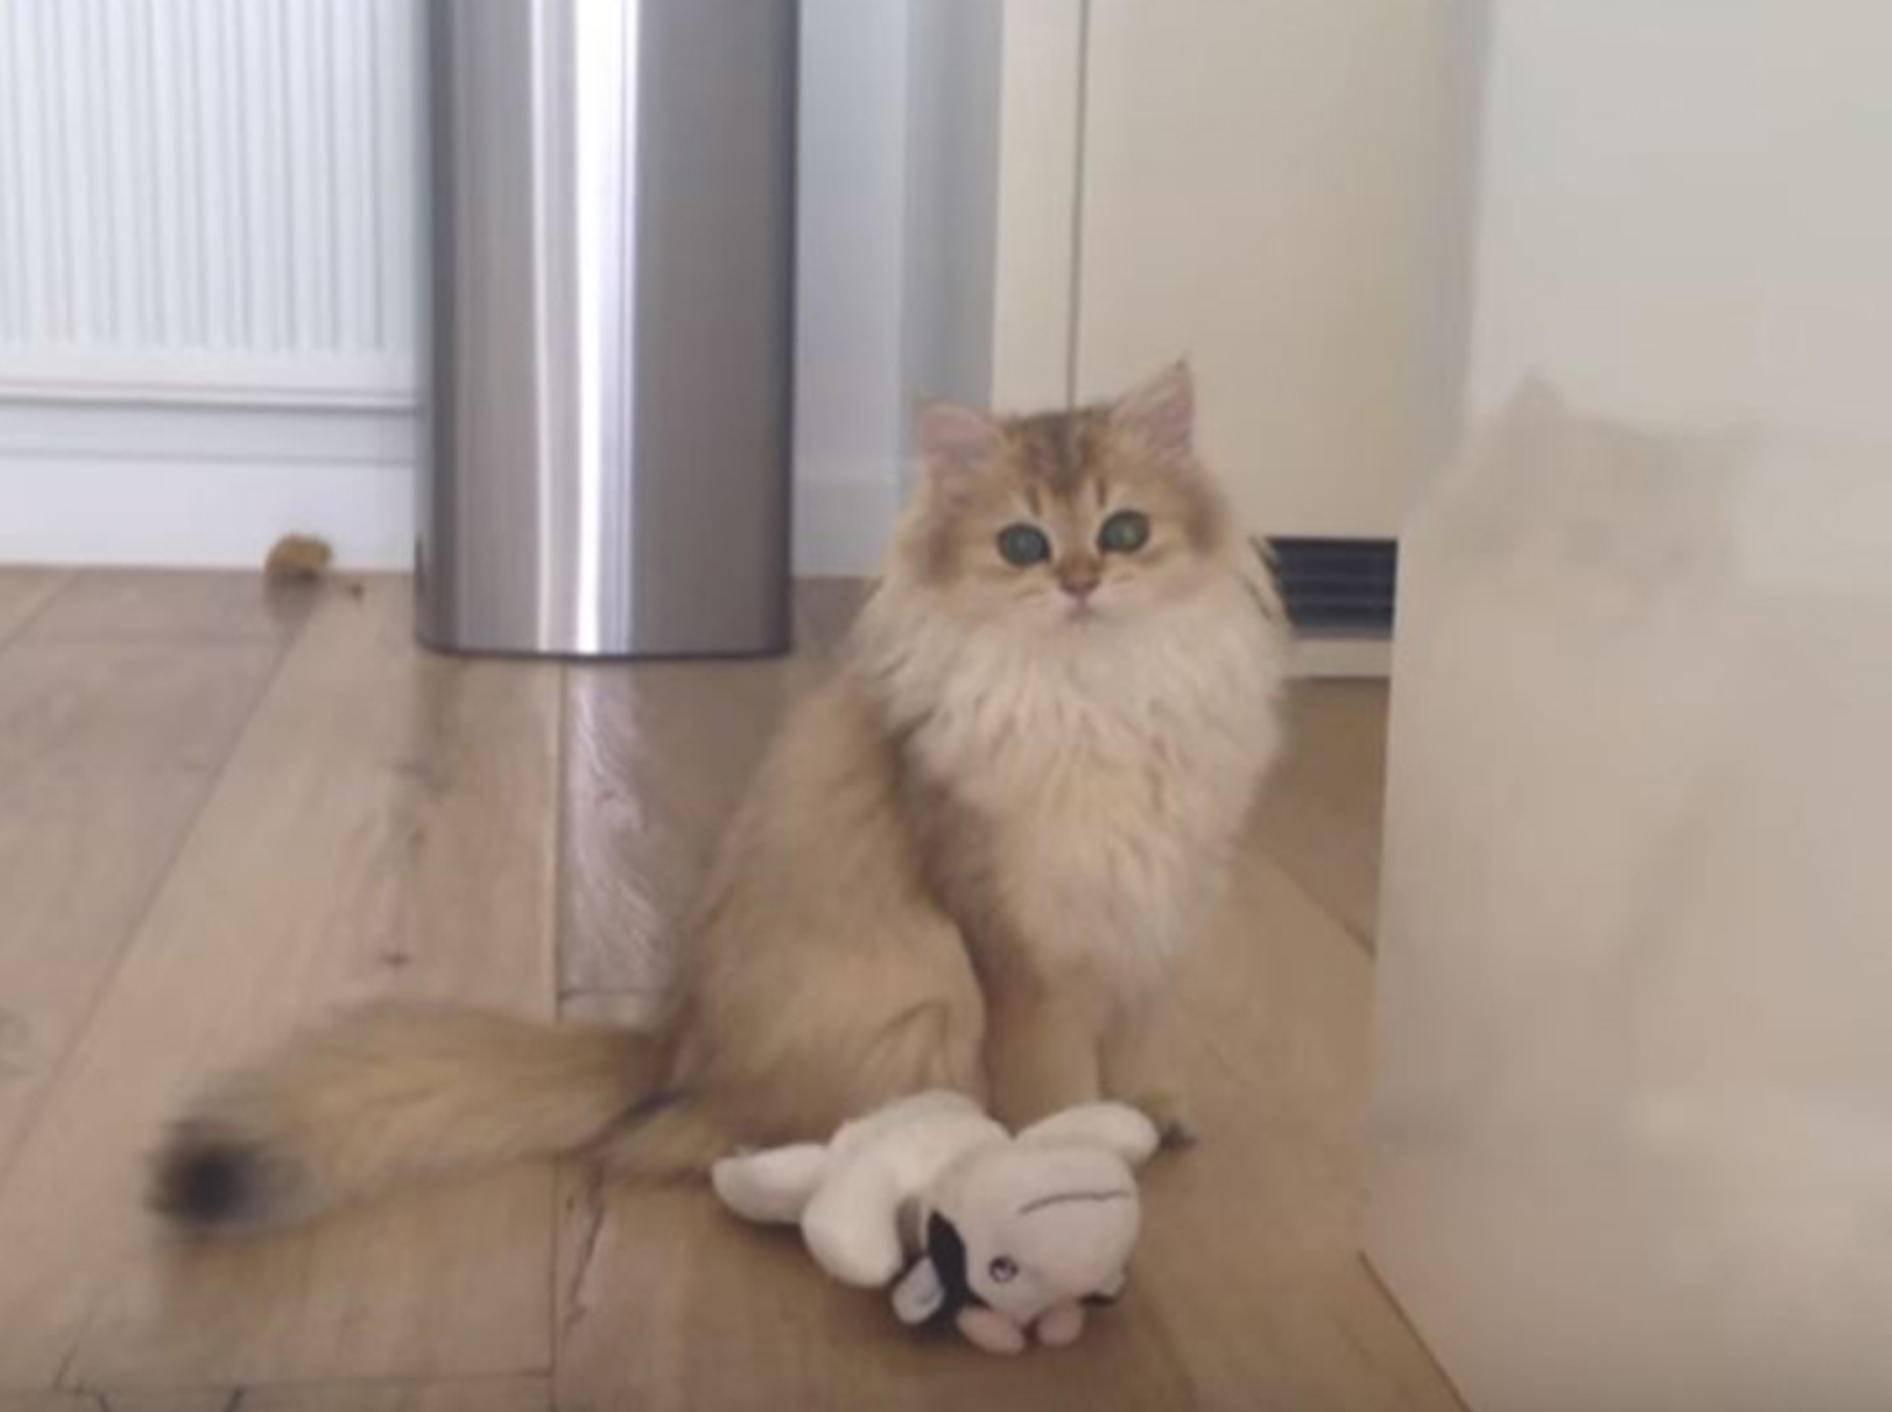 Katze Smoothie liebte es schon als Teenager auf Entdeckungstour zu gehen - YouTube / smoothiethecat